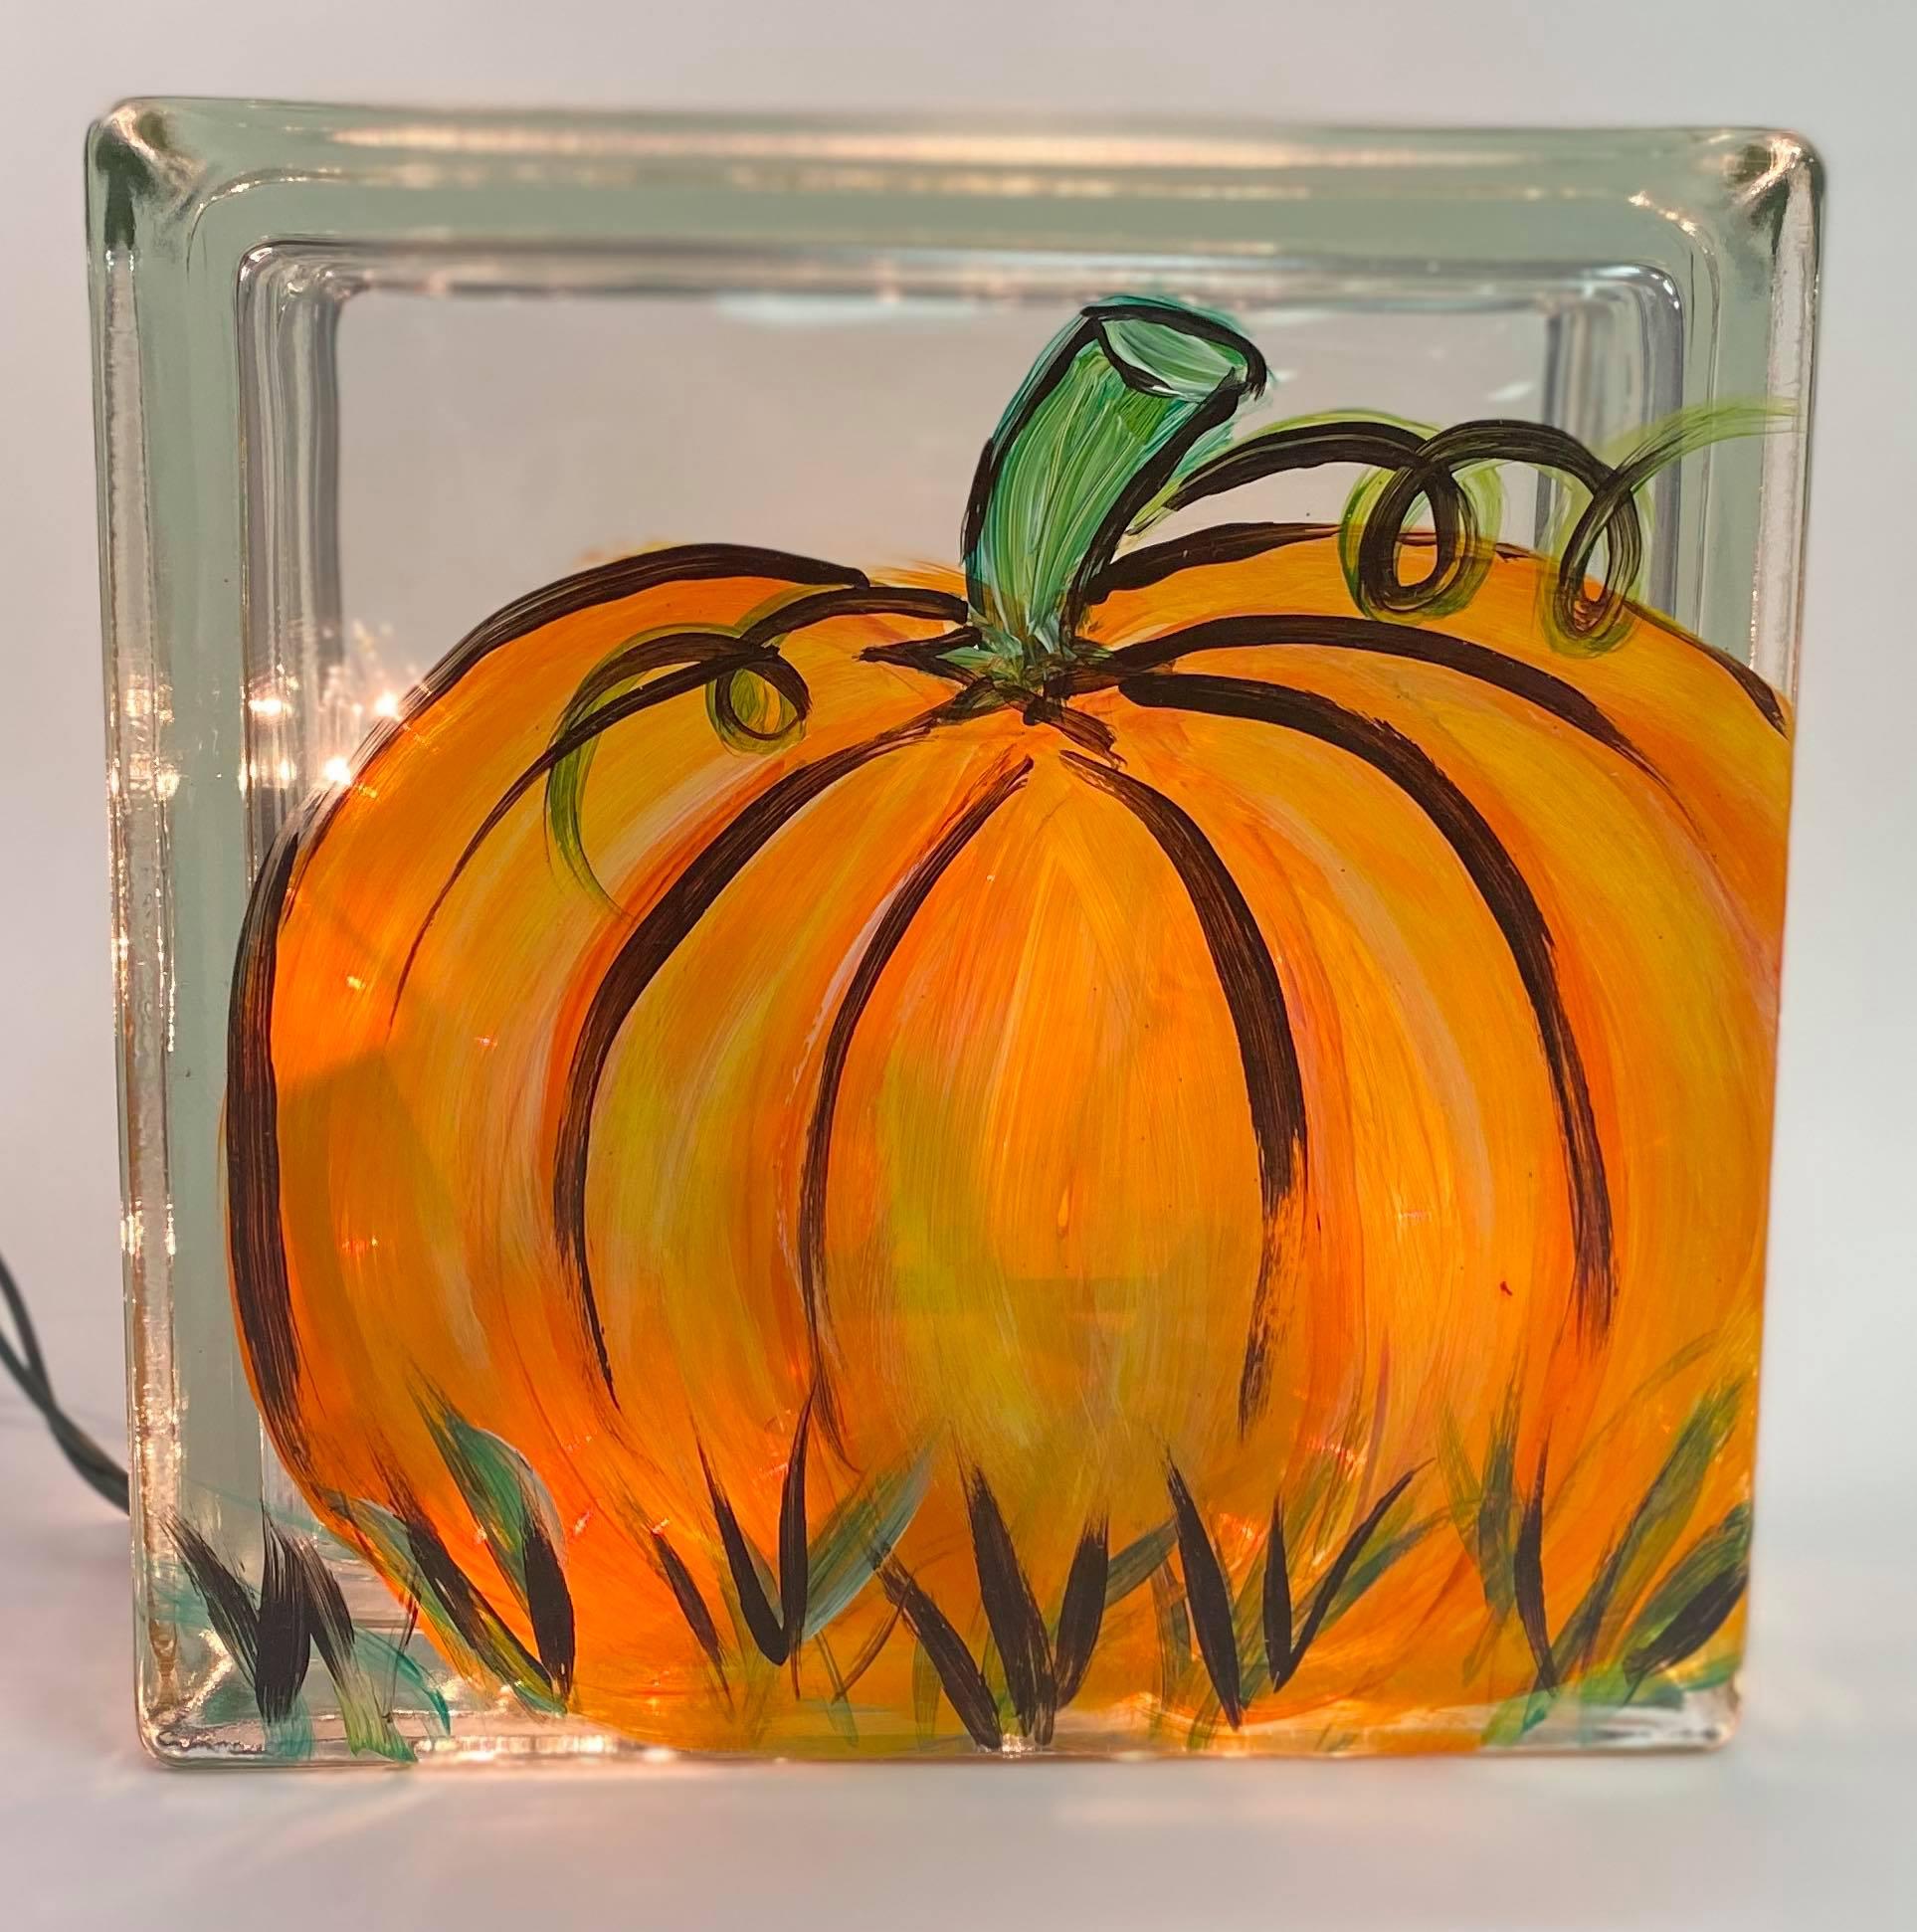 Glass Pumpkin with Lights